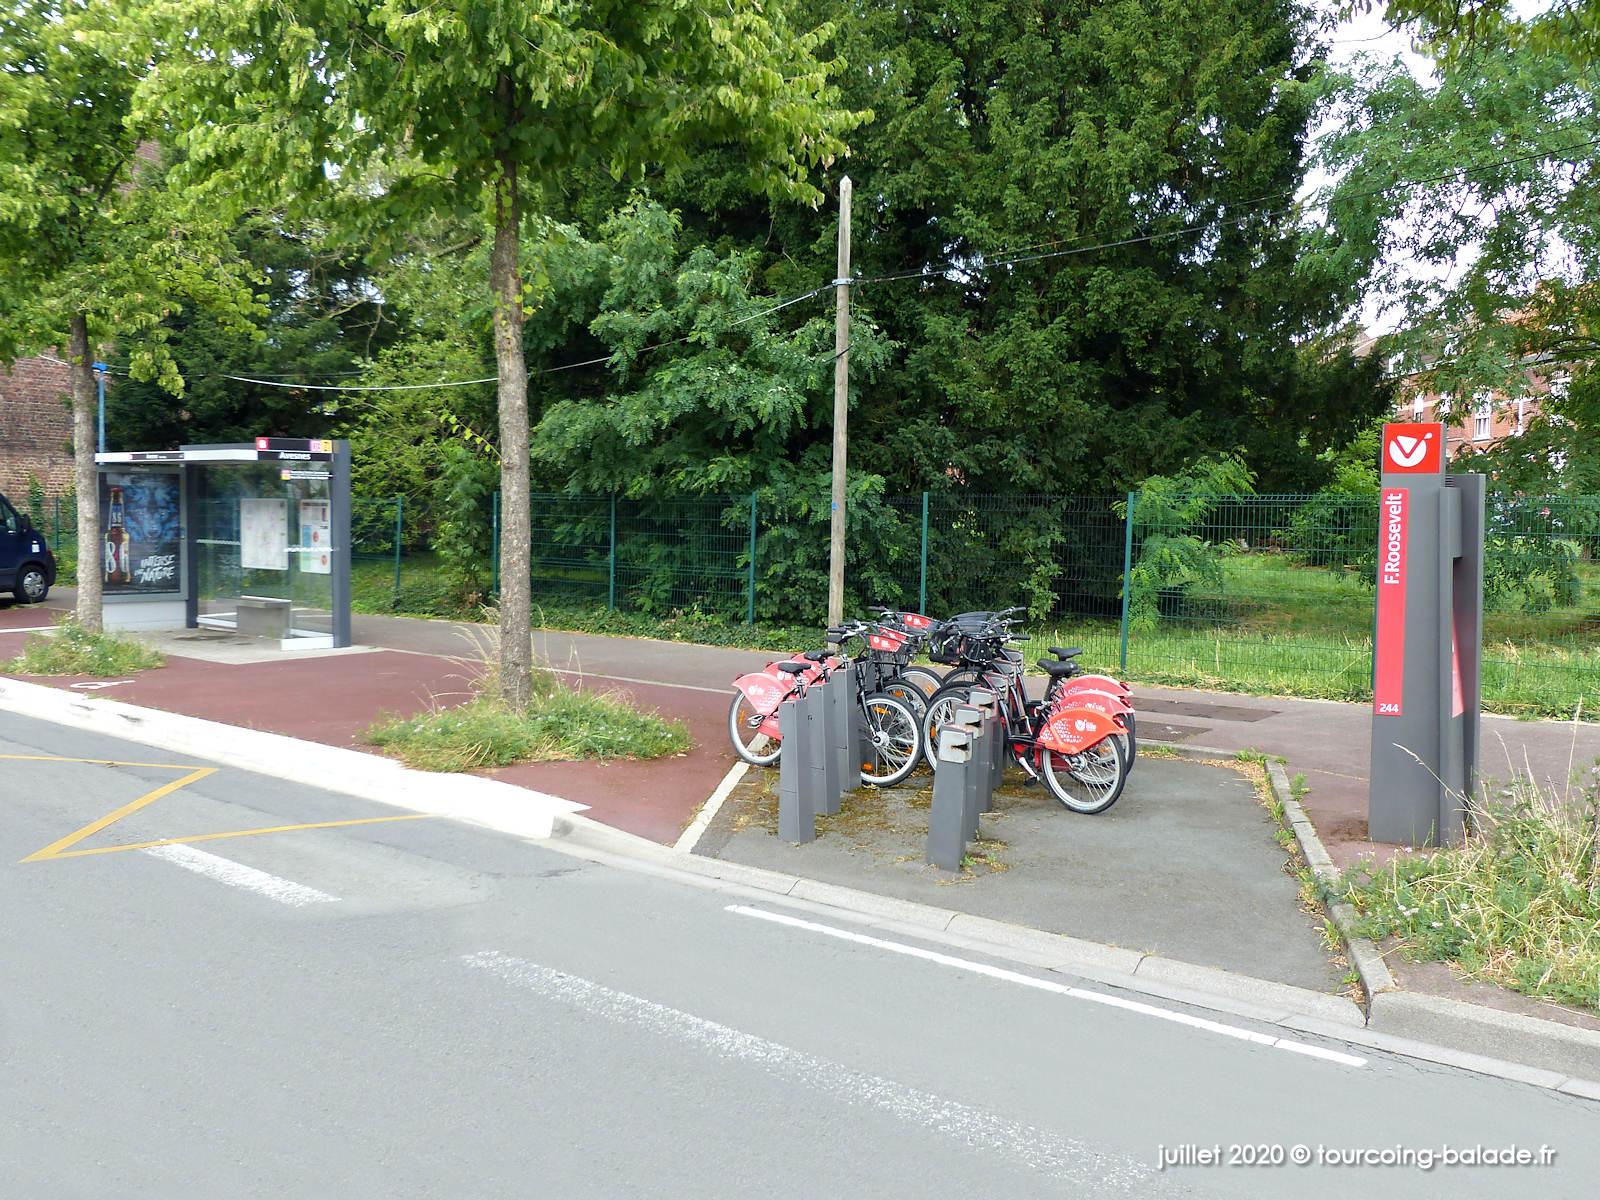 V'Lille Roosevelt et Bus Avesnes, Tourcoing 2020